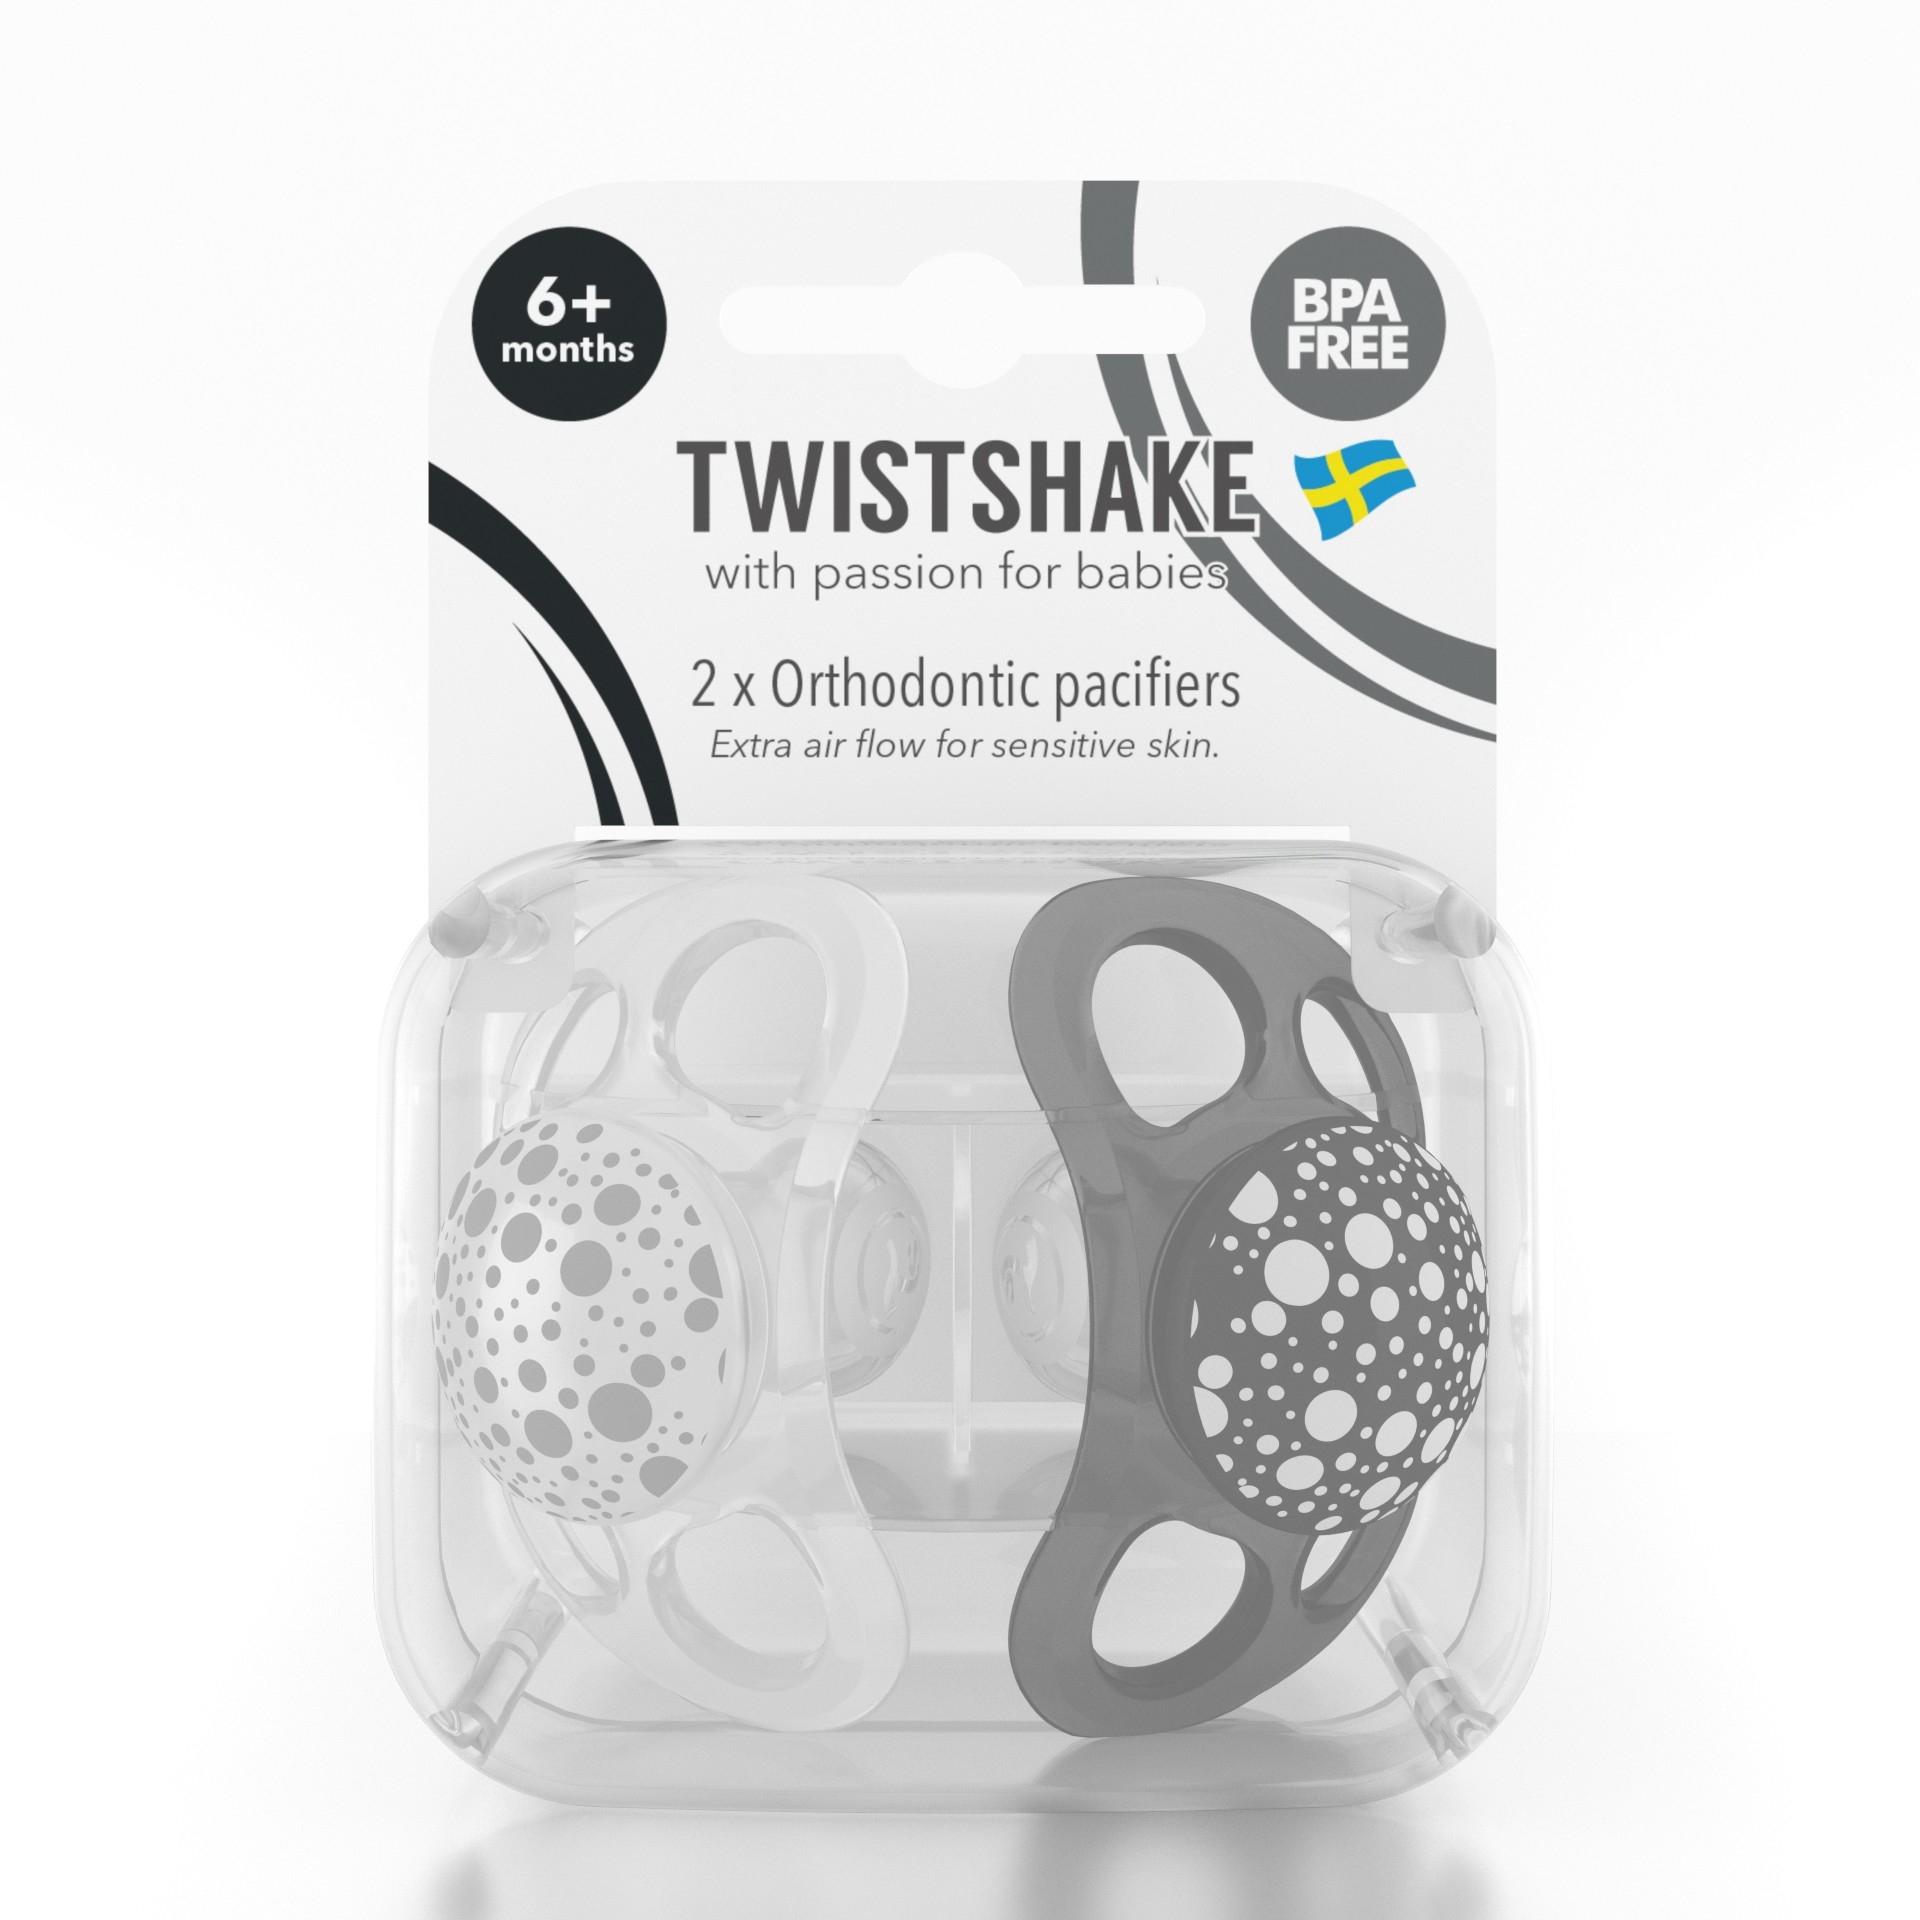 Chupete Twistshake 2x Pacifier 6 m Negro Blanco